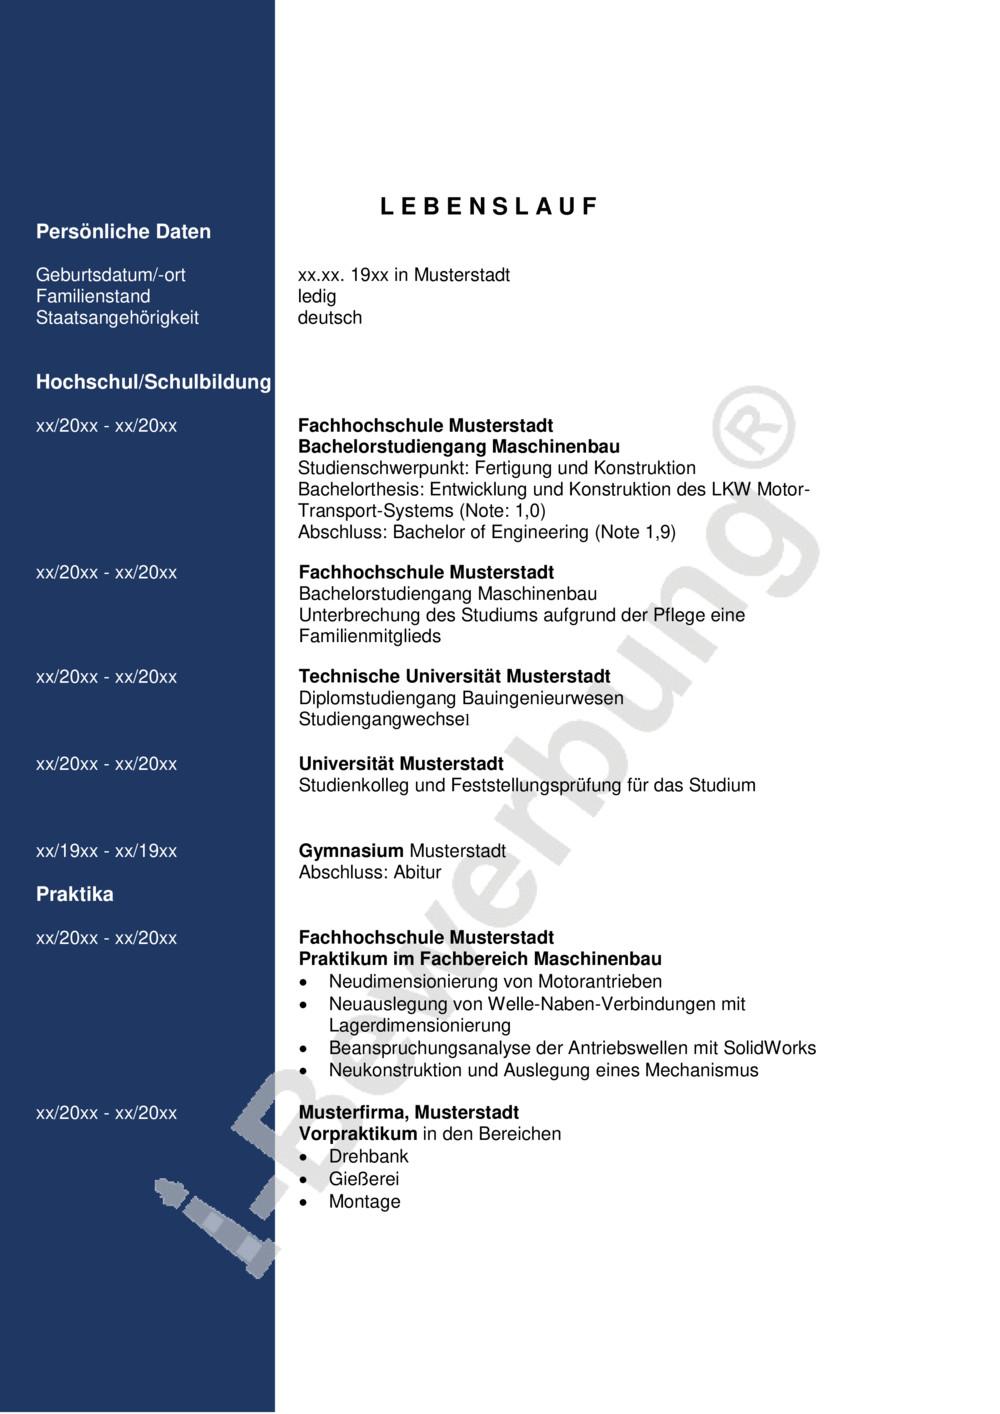 Lebenslauf Vorlagen & Muster PDF & Word kostenlos downloaden